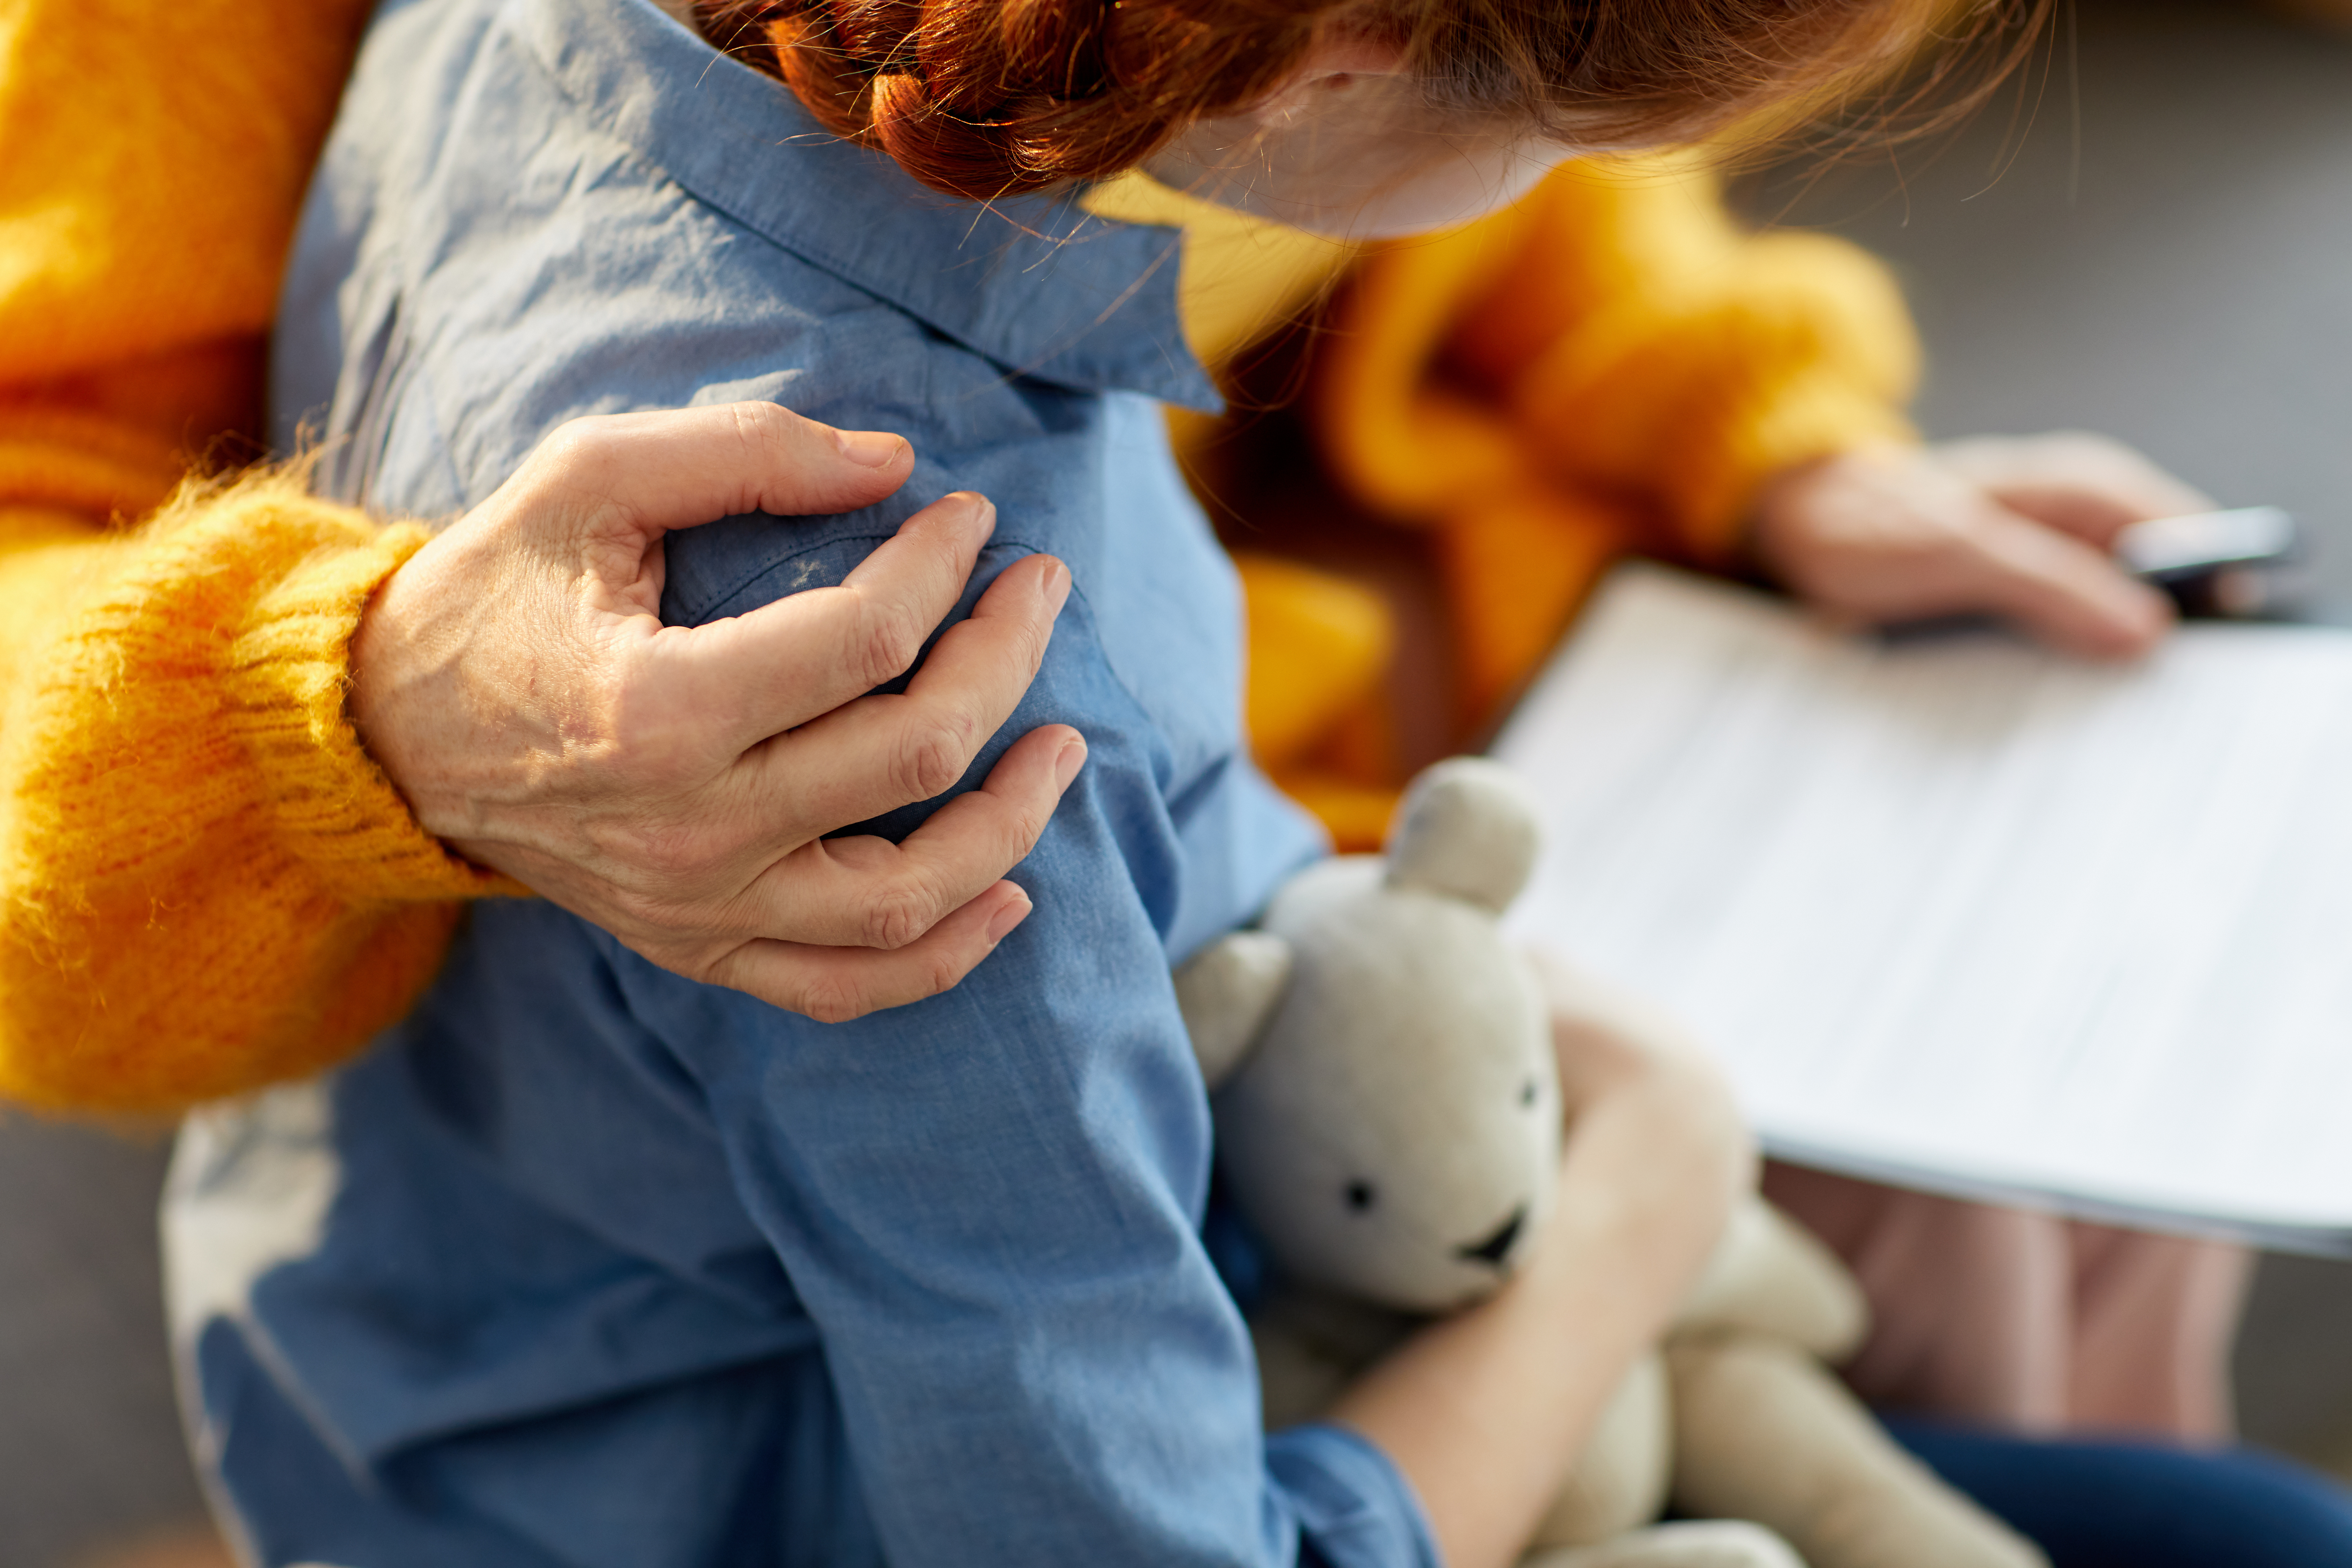 Child with hug and bear